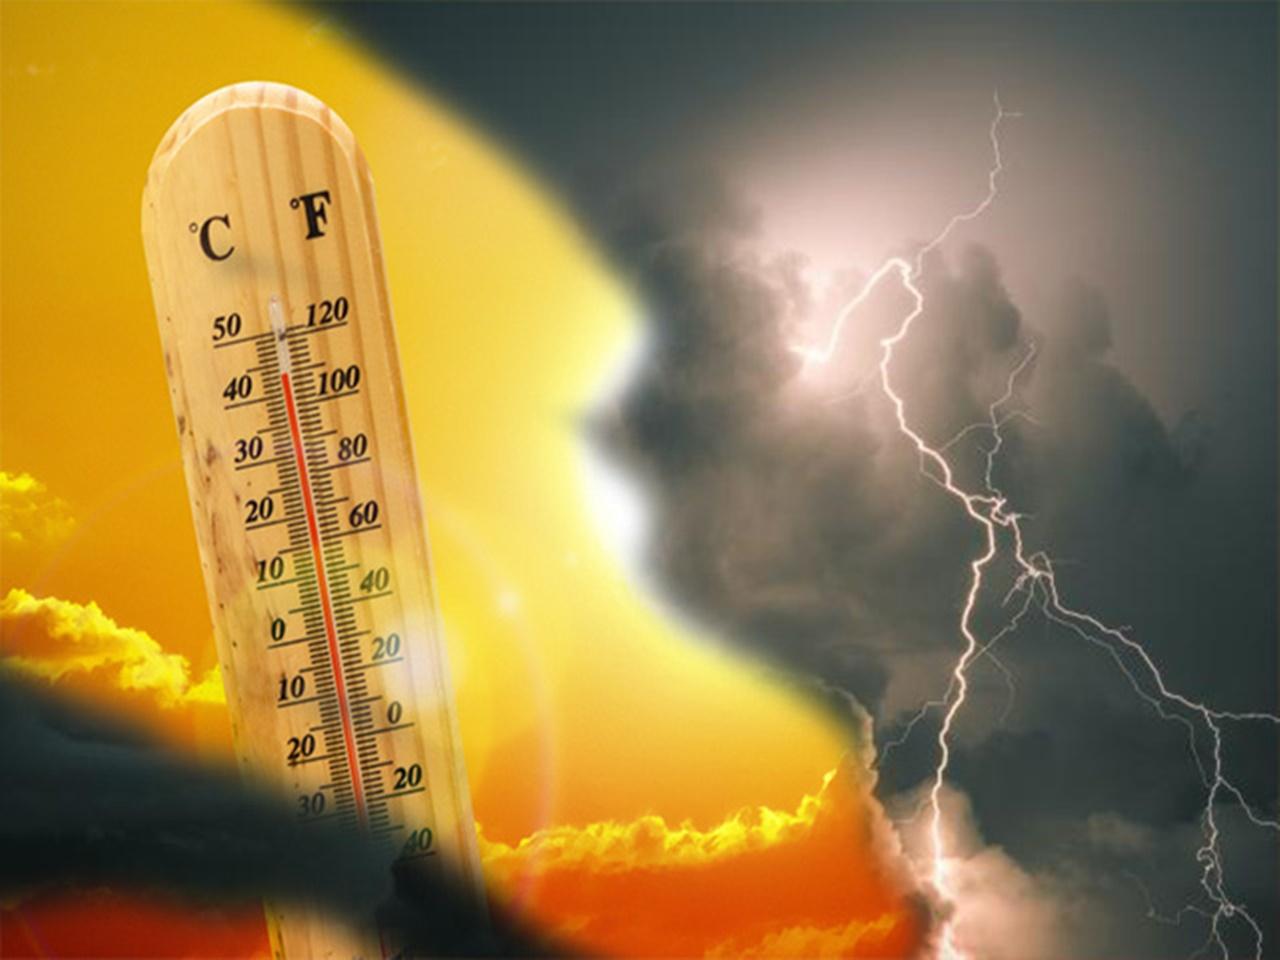 Meteo: alta pressione su quasi tutta Italia, ma il week-end riserva brutte sorprese